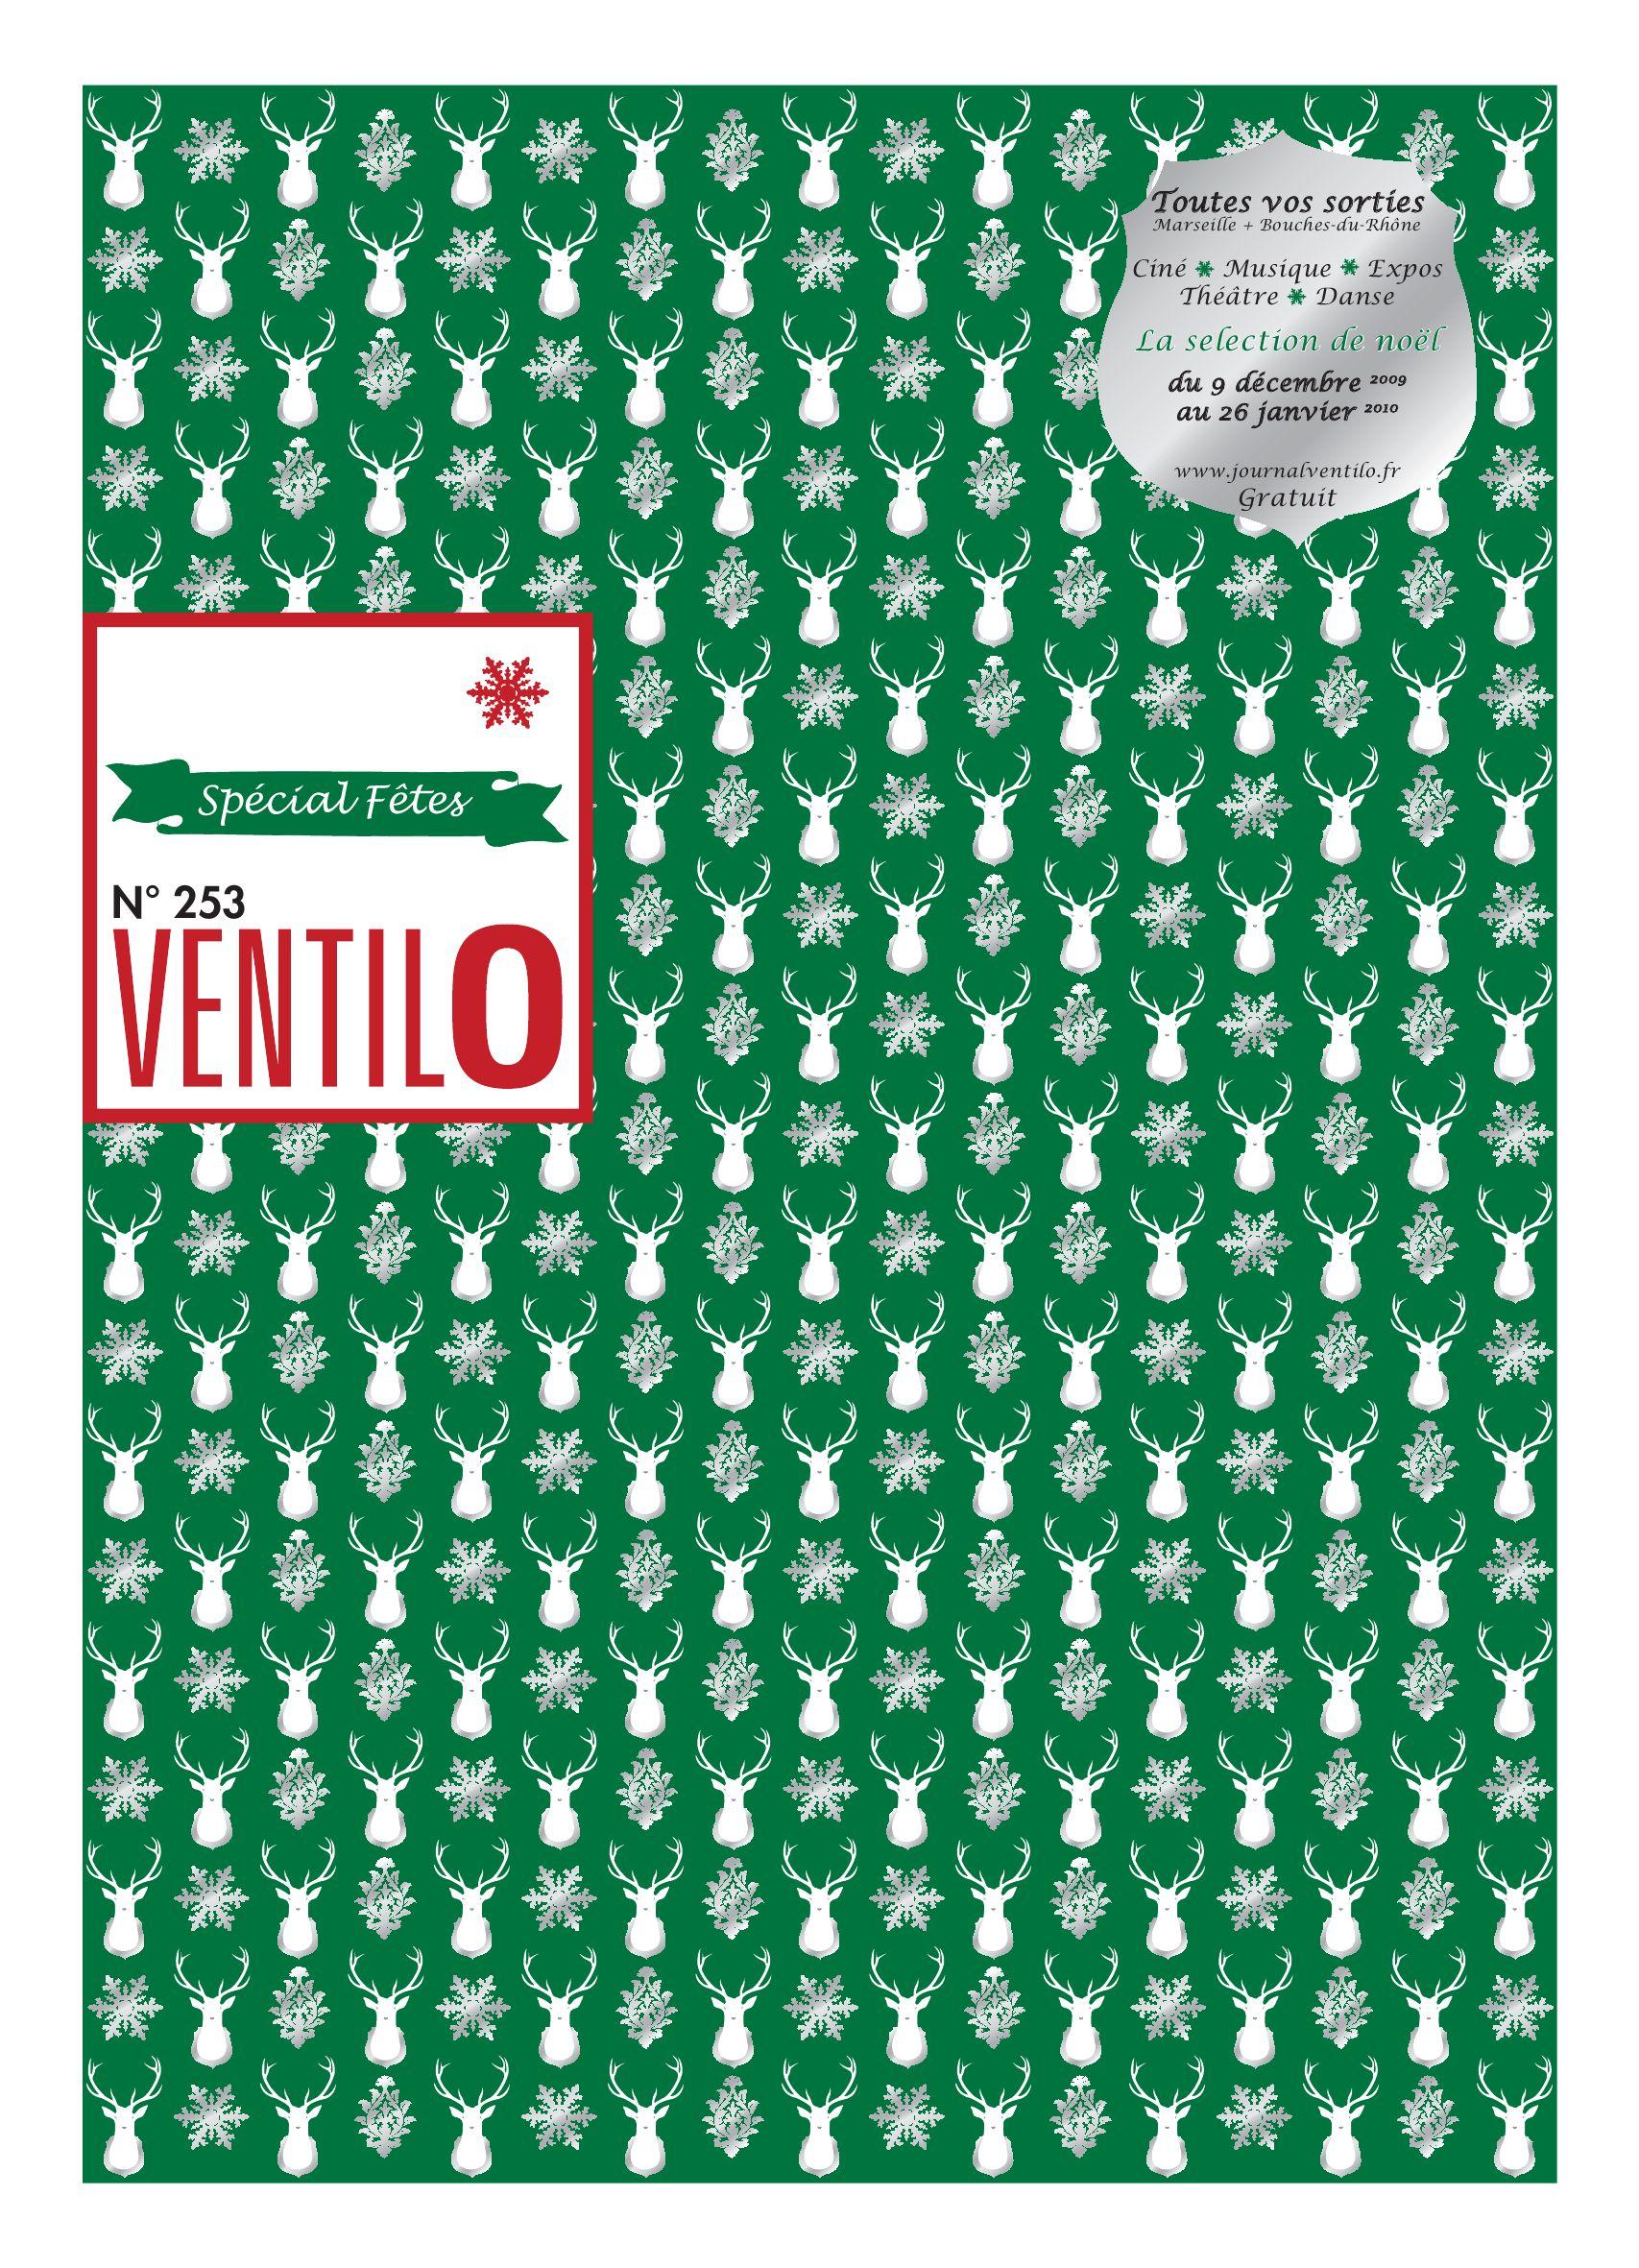 Décembre Du N°253 2009 26 Ventilo By 2010 9 Janvier Au dxoeBC